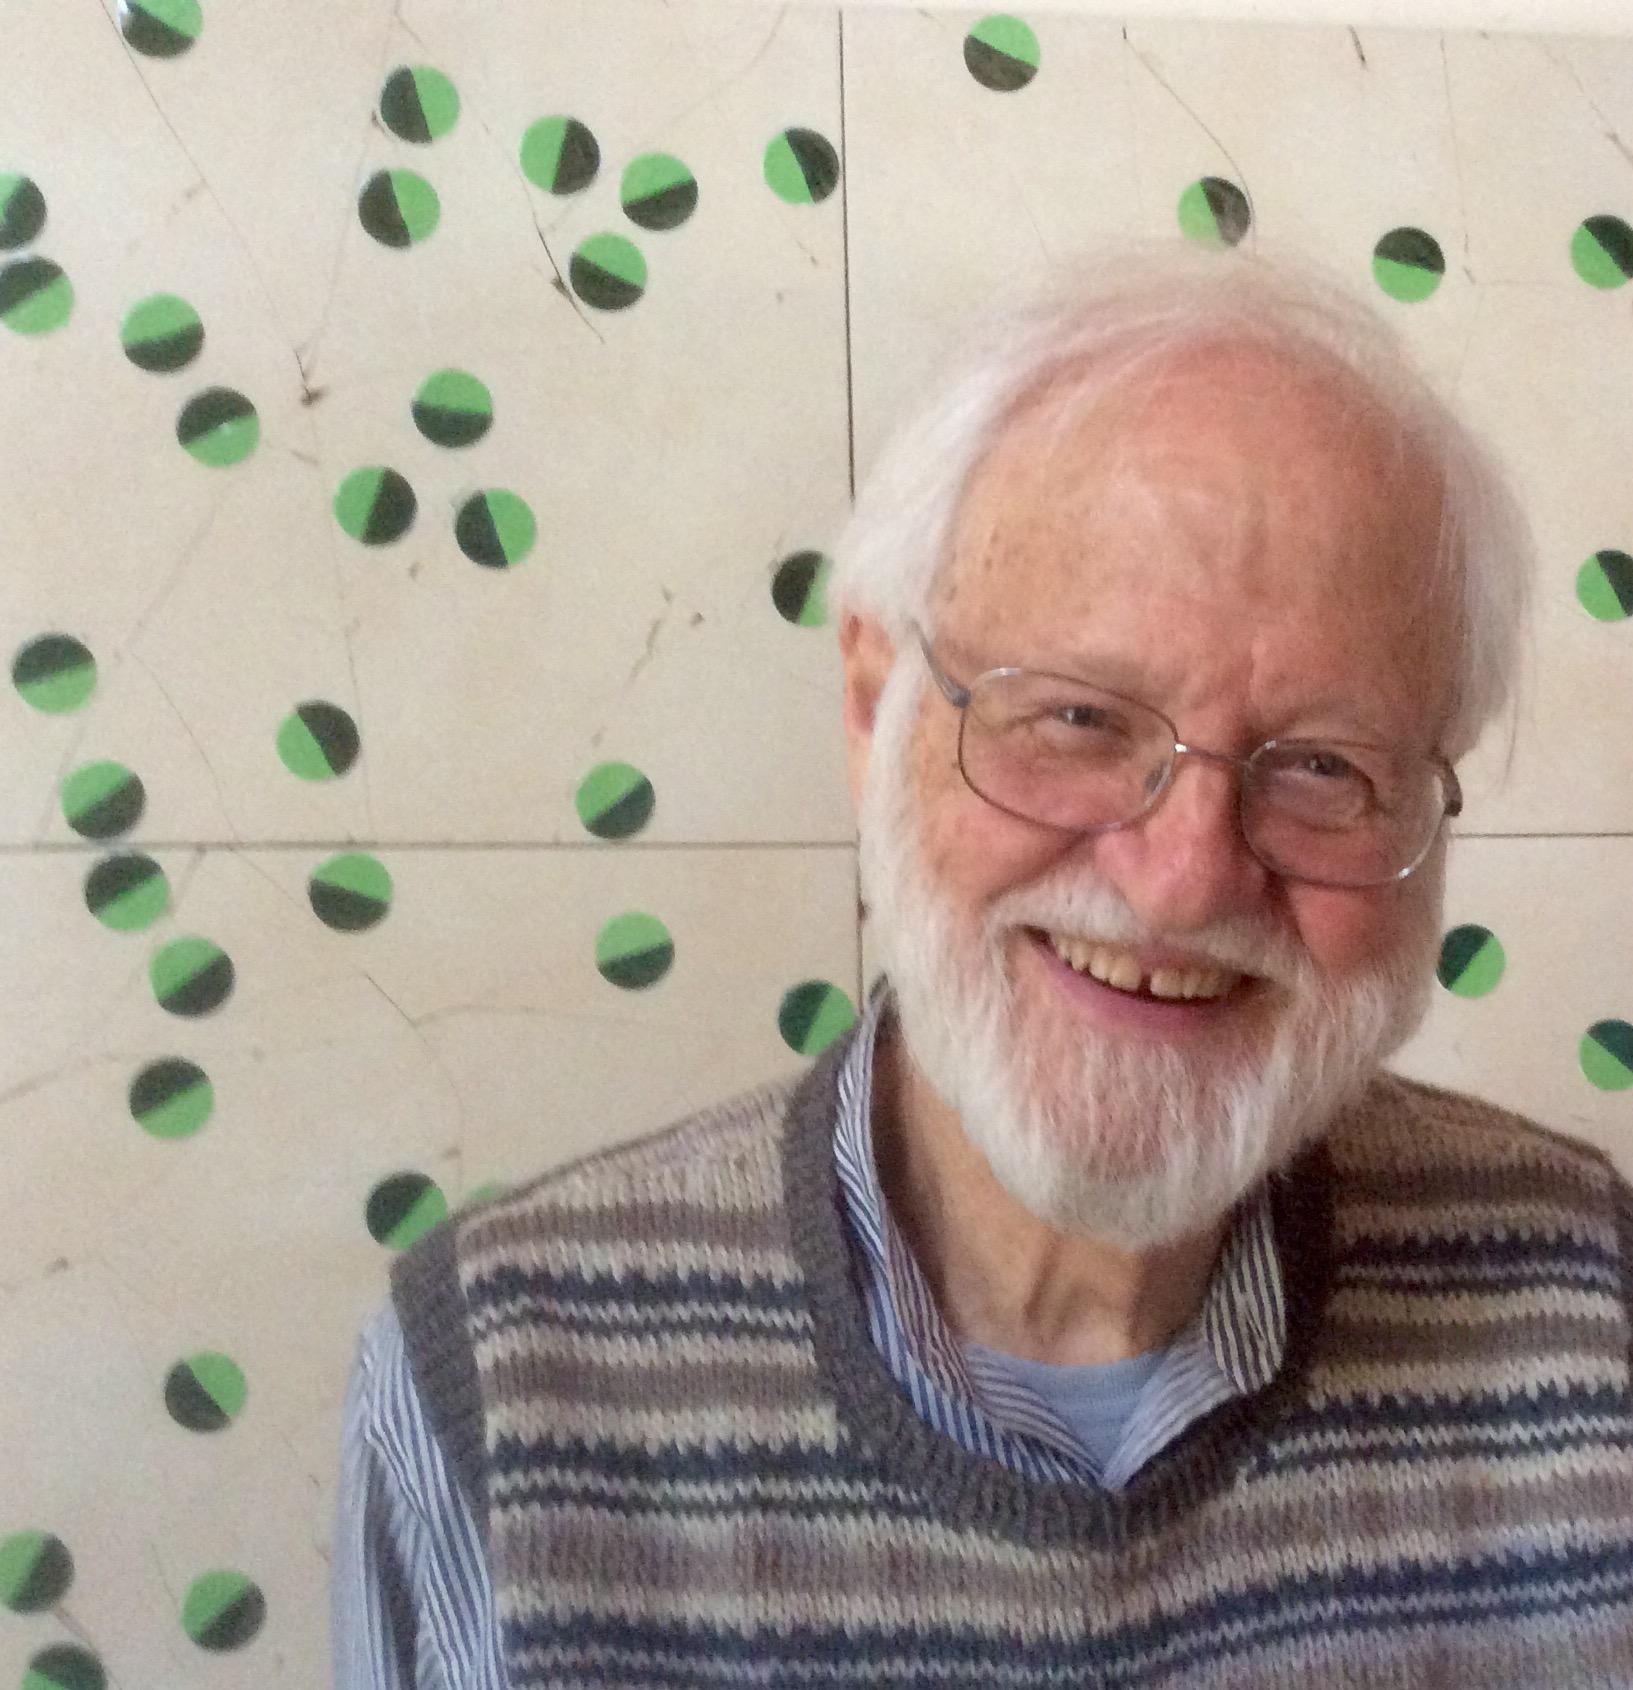 Jim Melchert, Melchert Studio. Photo by John Held, Jr.